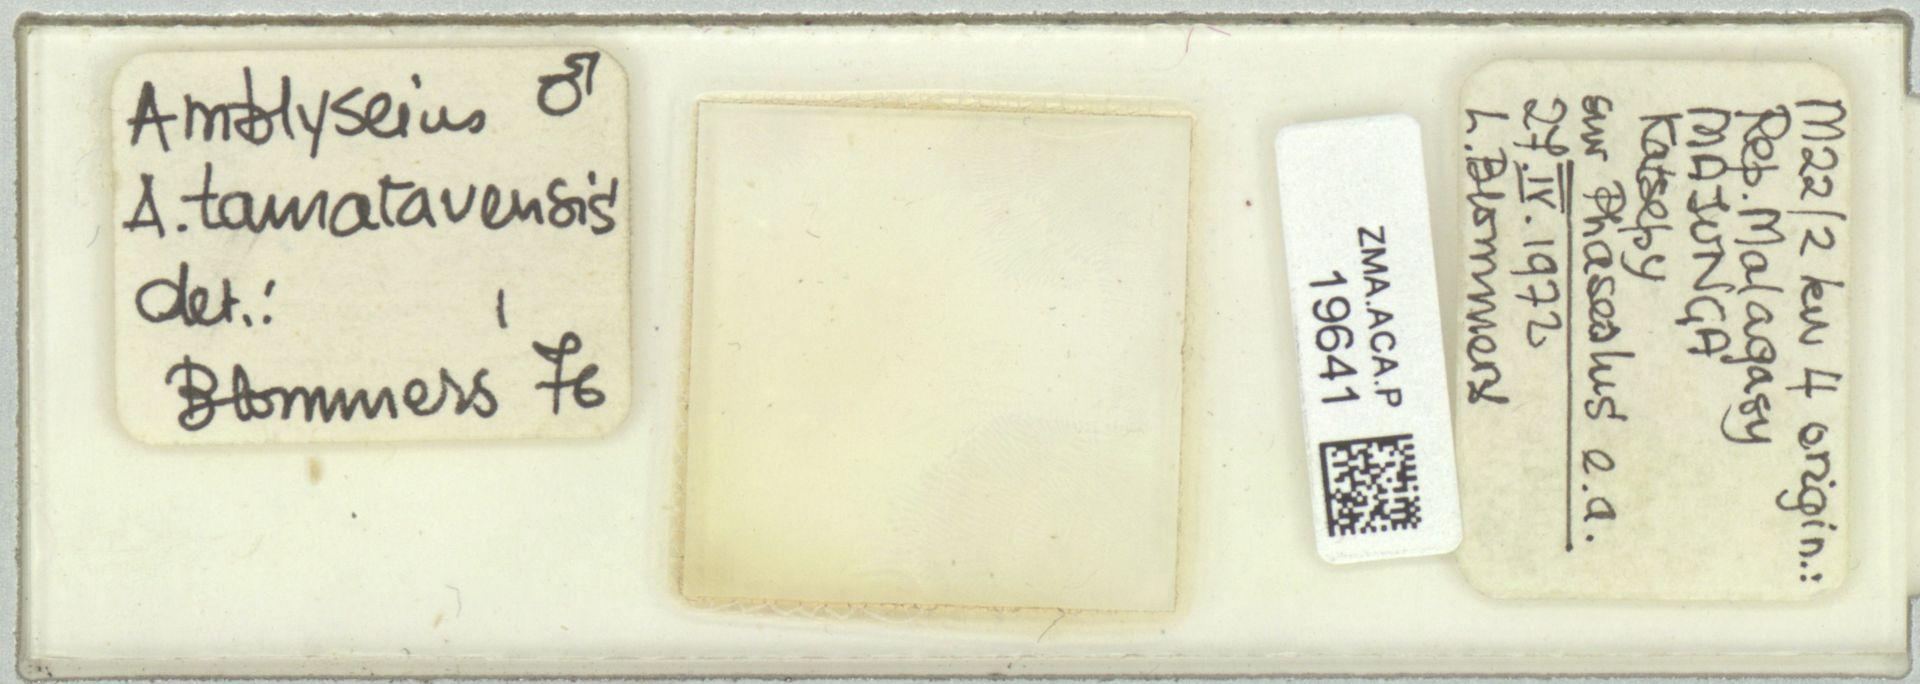 ZMA.ACA.P.19641 | Amblyseius (Amblyseius) tamatavensis Blommers